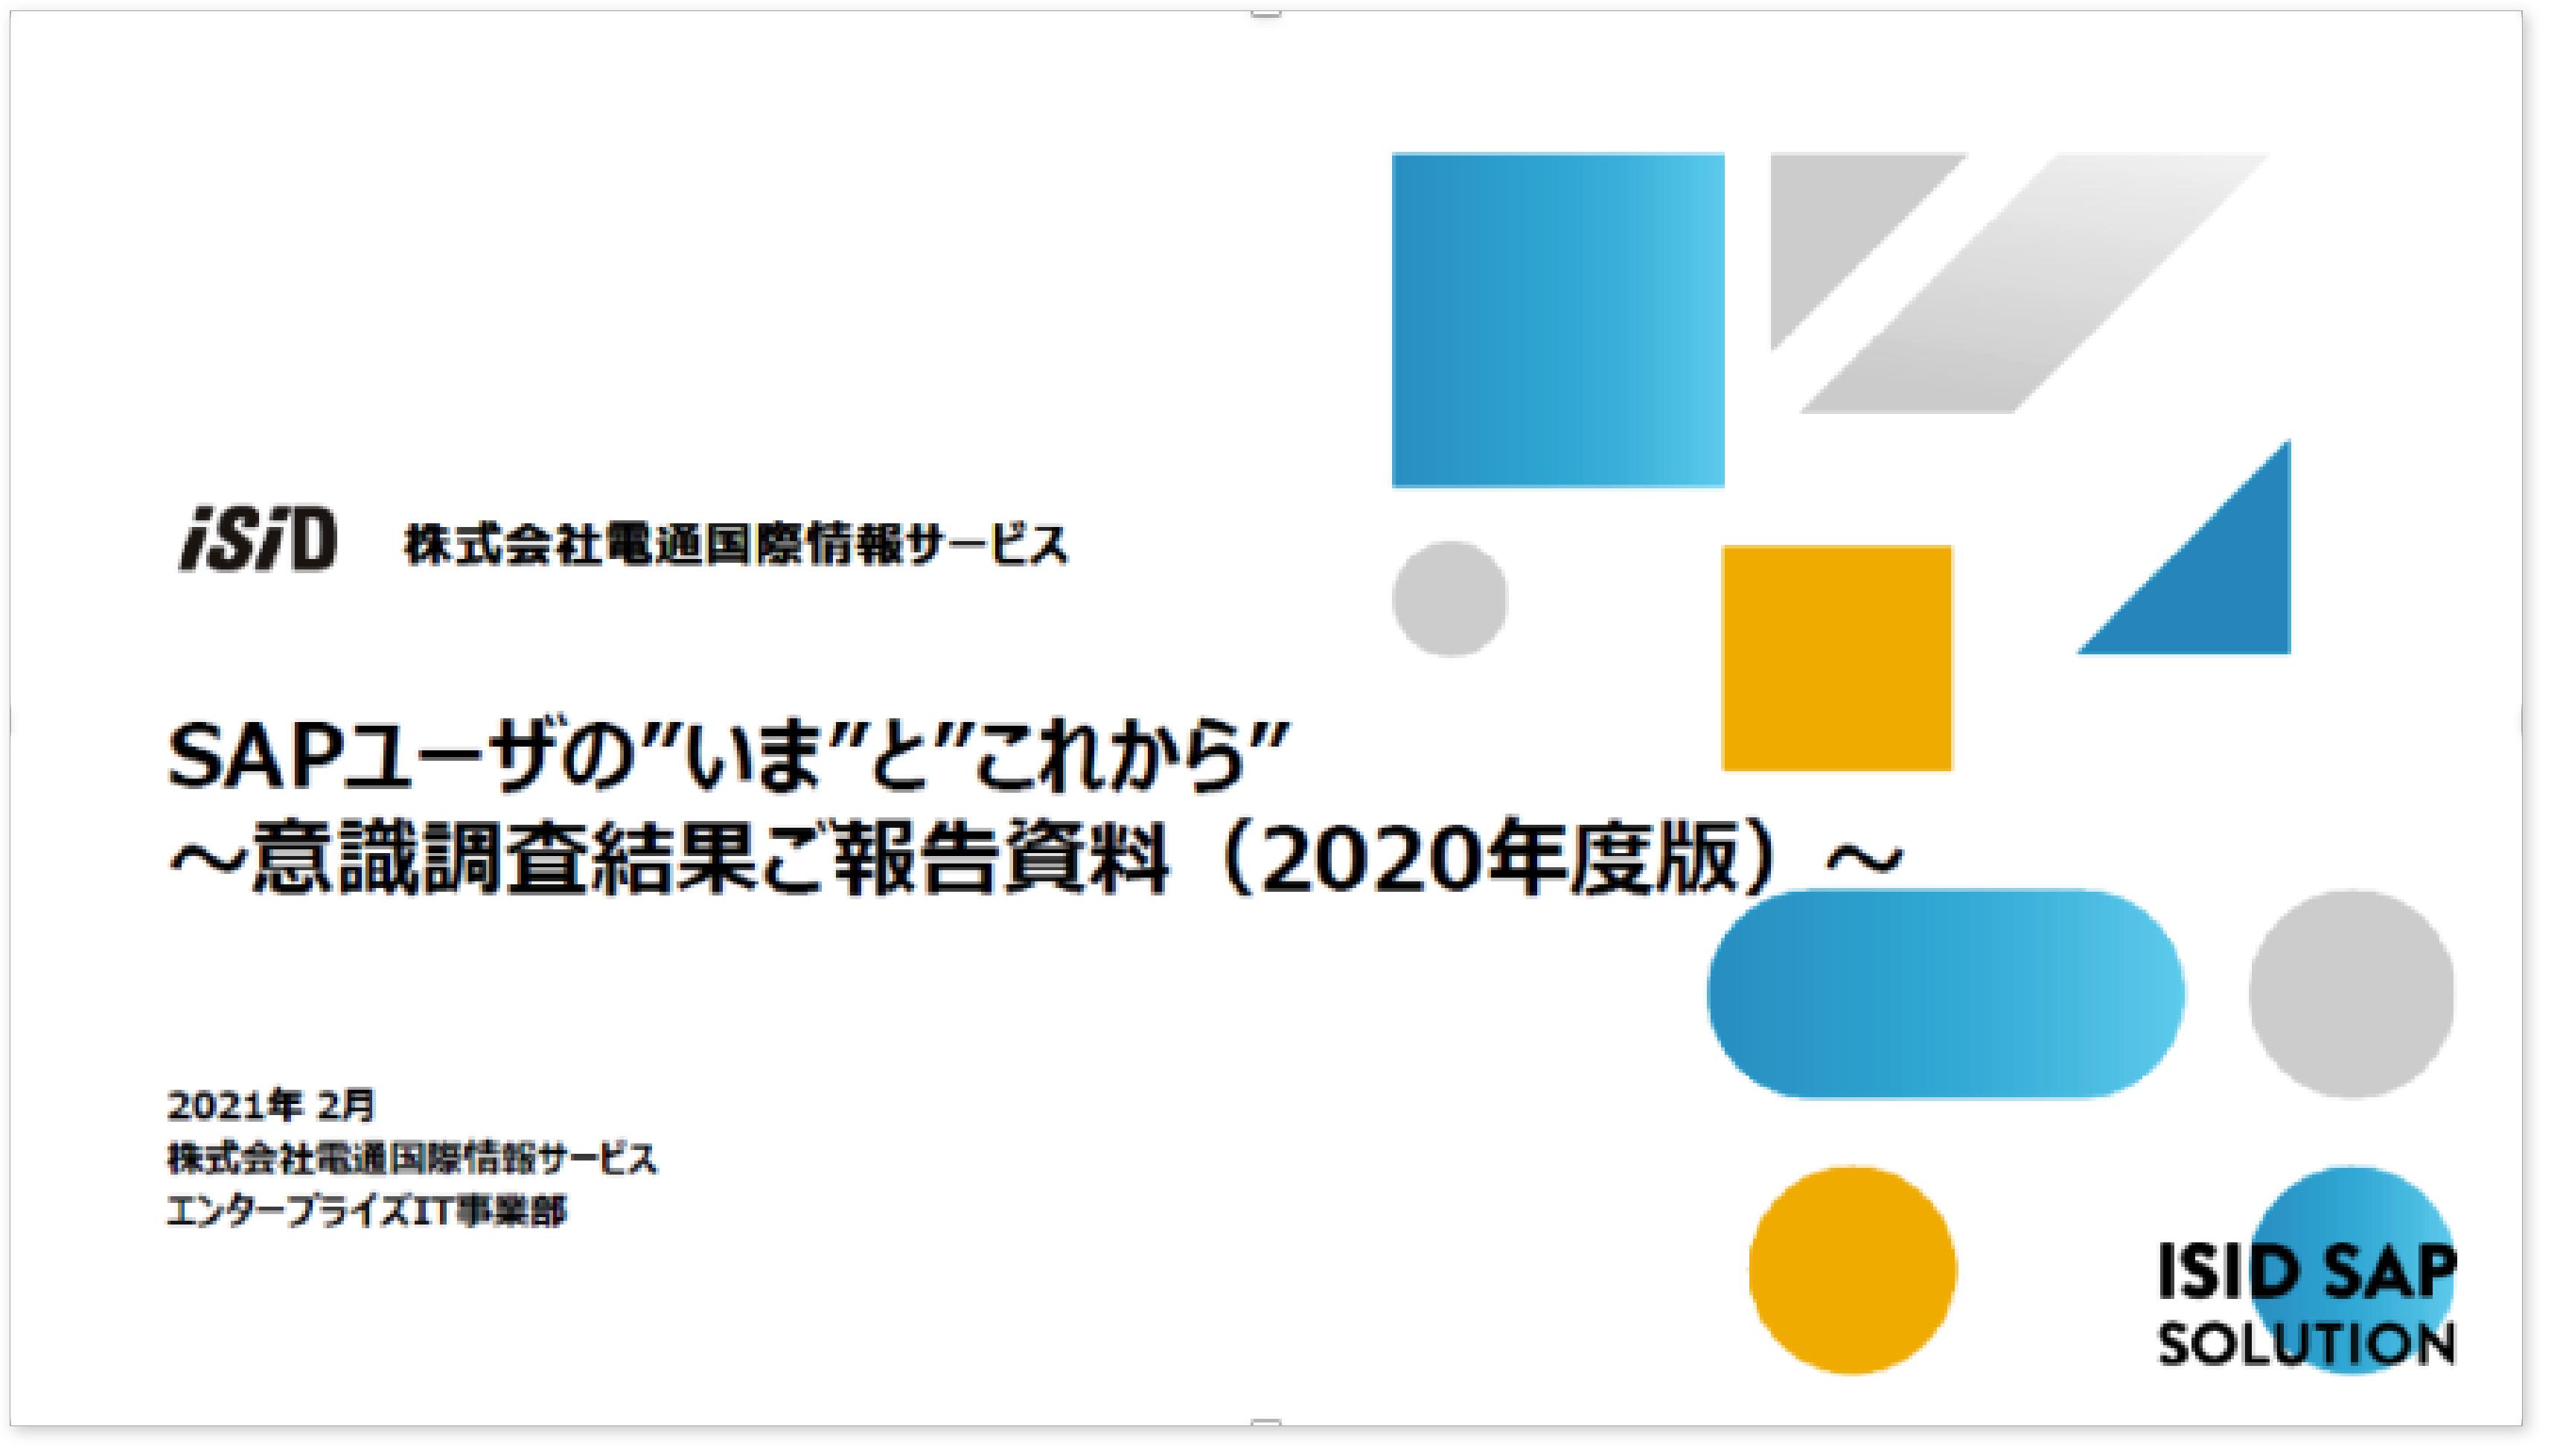 """[e-book]SAPユーザの""""いま""""と""""これから"""" ~意識調査結果ご報告資料(2020年度版)~"""